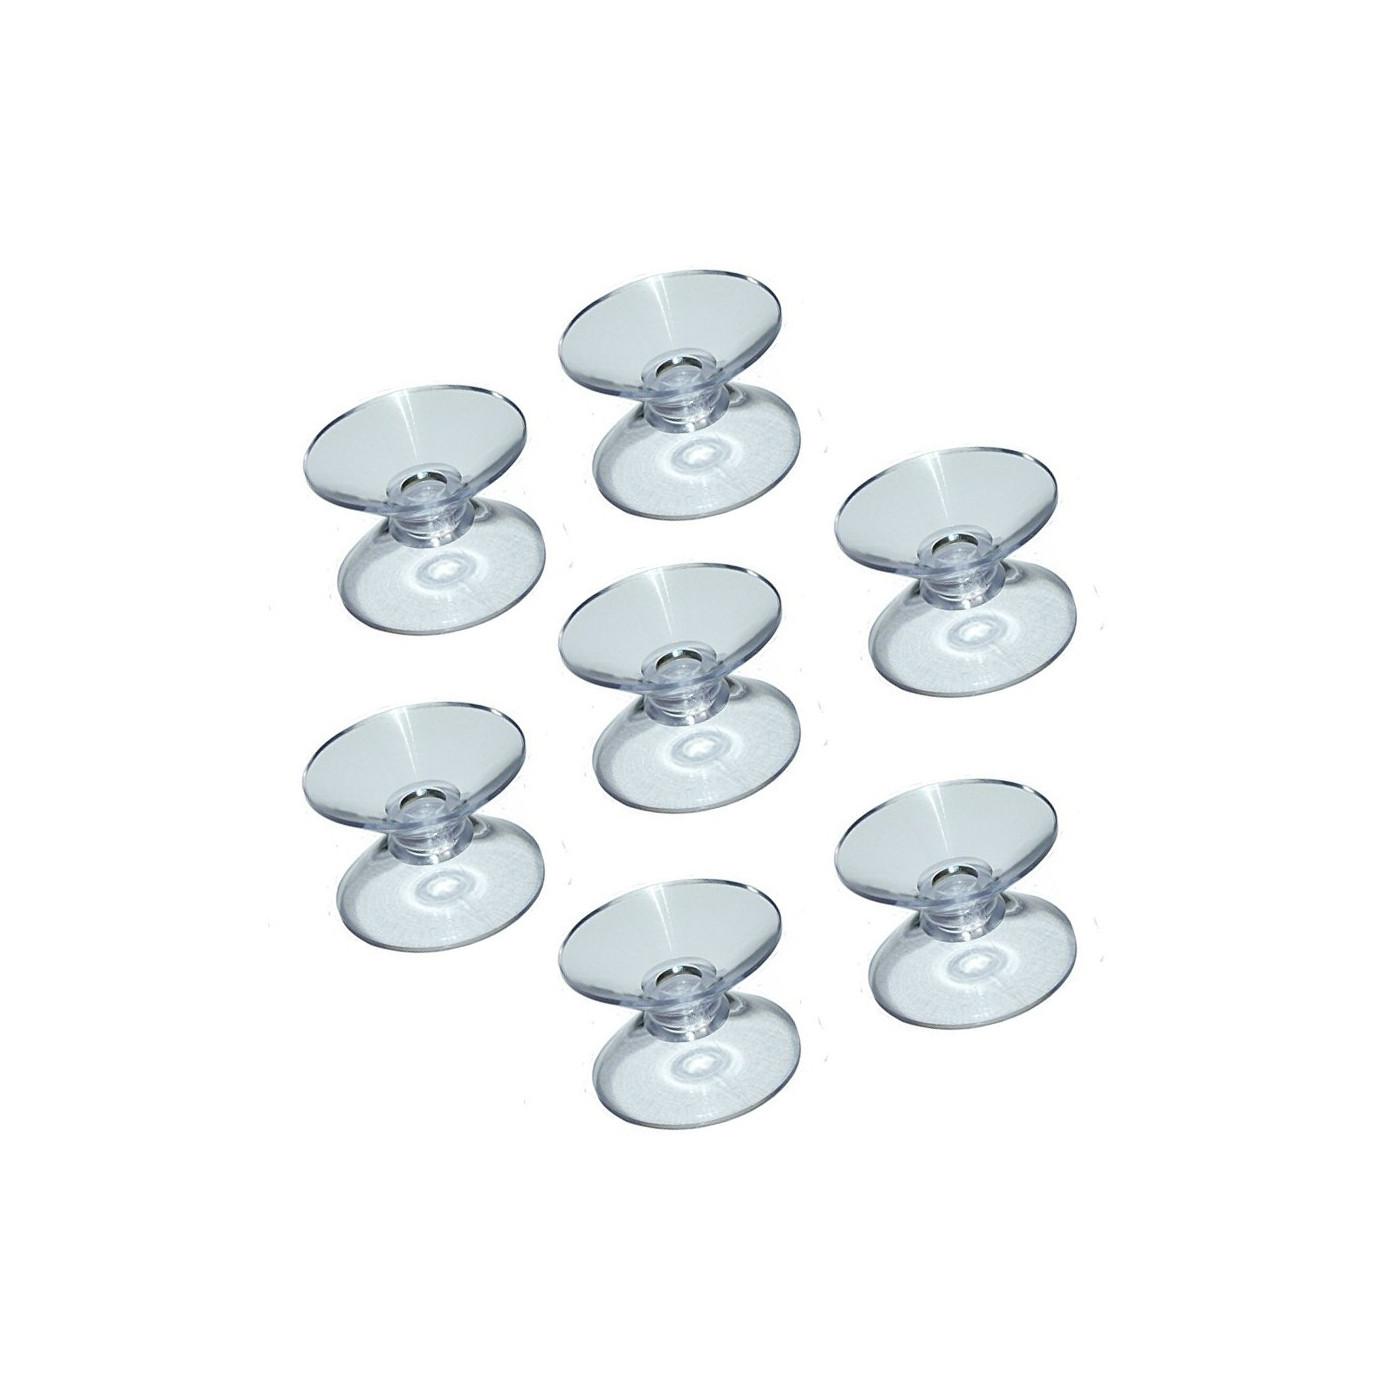 Set von 60 Gummisaugnäpfen doppelt (30 mm)  - 1